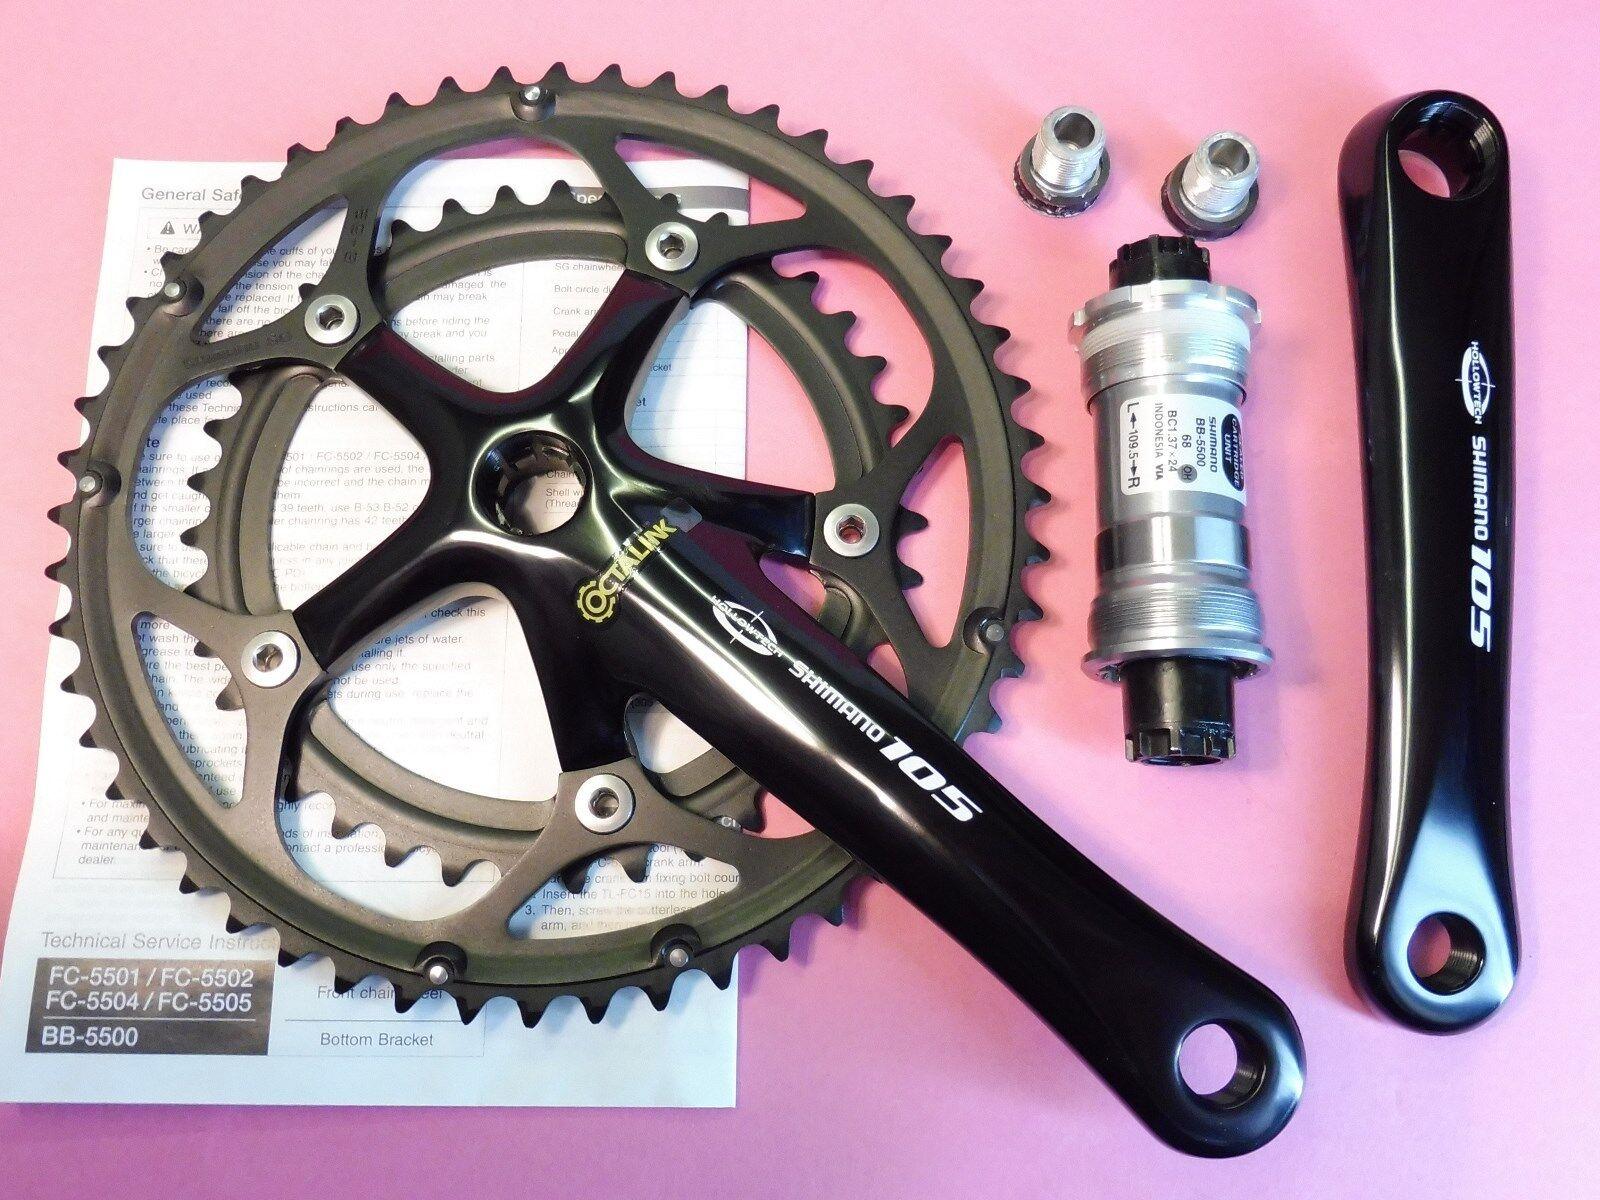 Shimano - 5502 9 105 Bicicleta Pedalier 170 Mm - 39.52 5500 68 - 109 nos